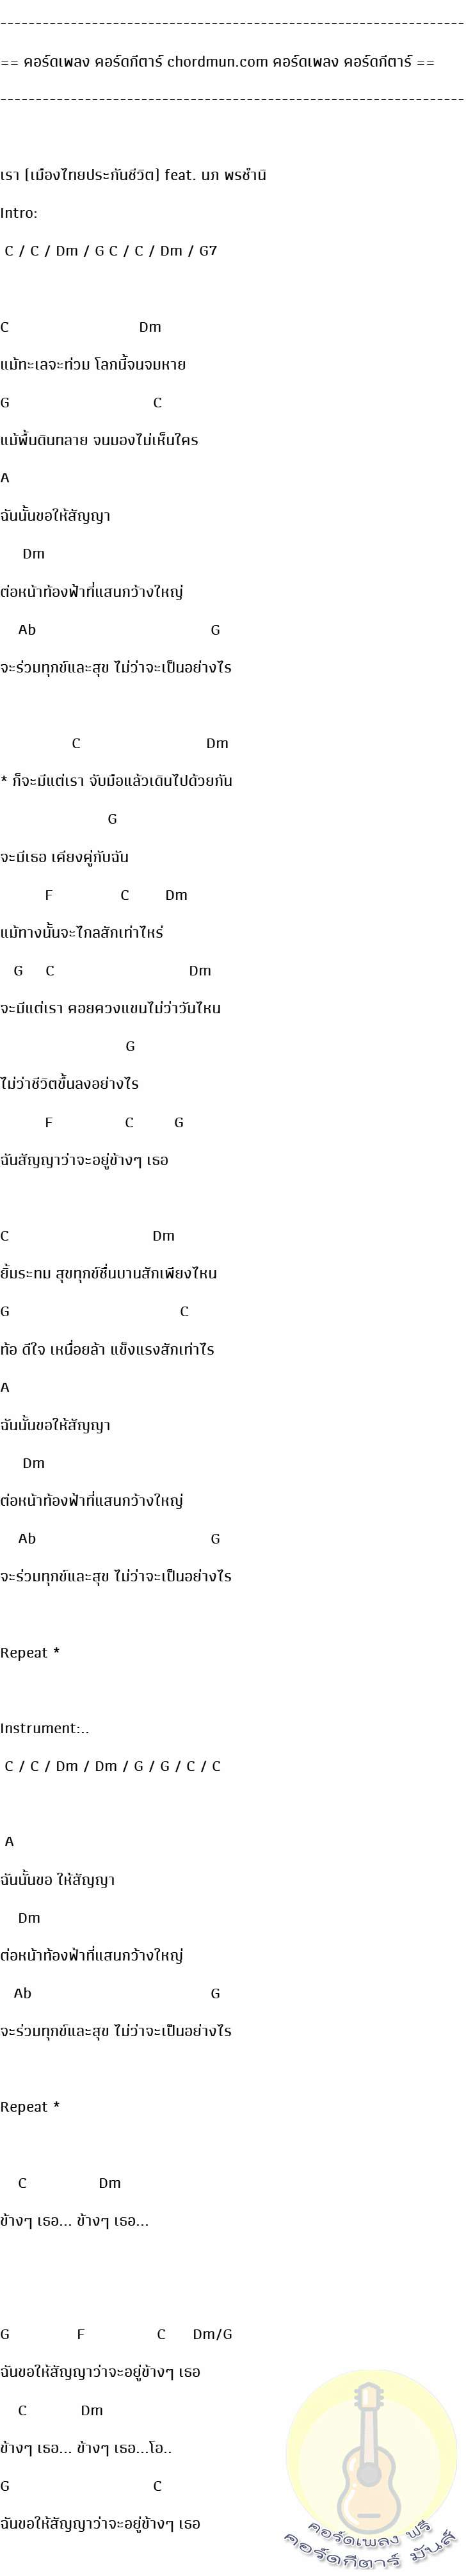 คอร์ดกีต้าร์ไฟฟ้า  เพลง เรา (เมืองไทยประกันชีวิต) feat. นภ พรชำนิ